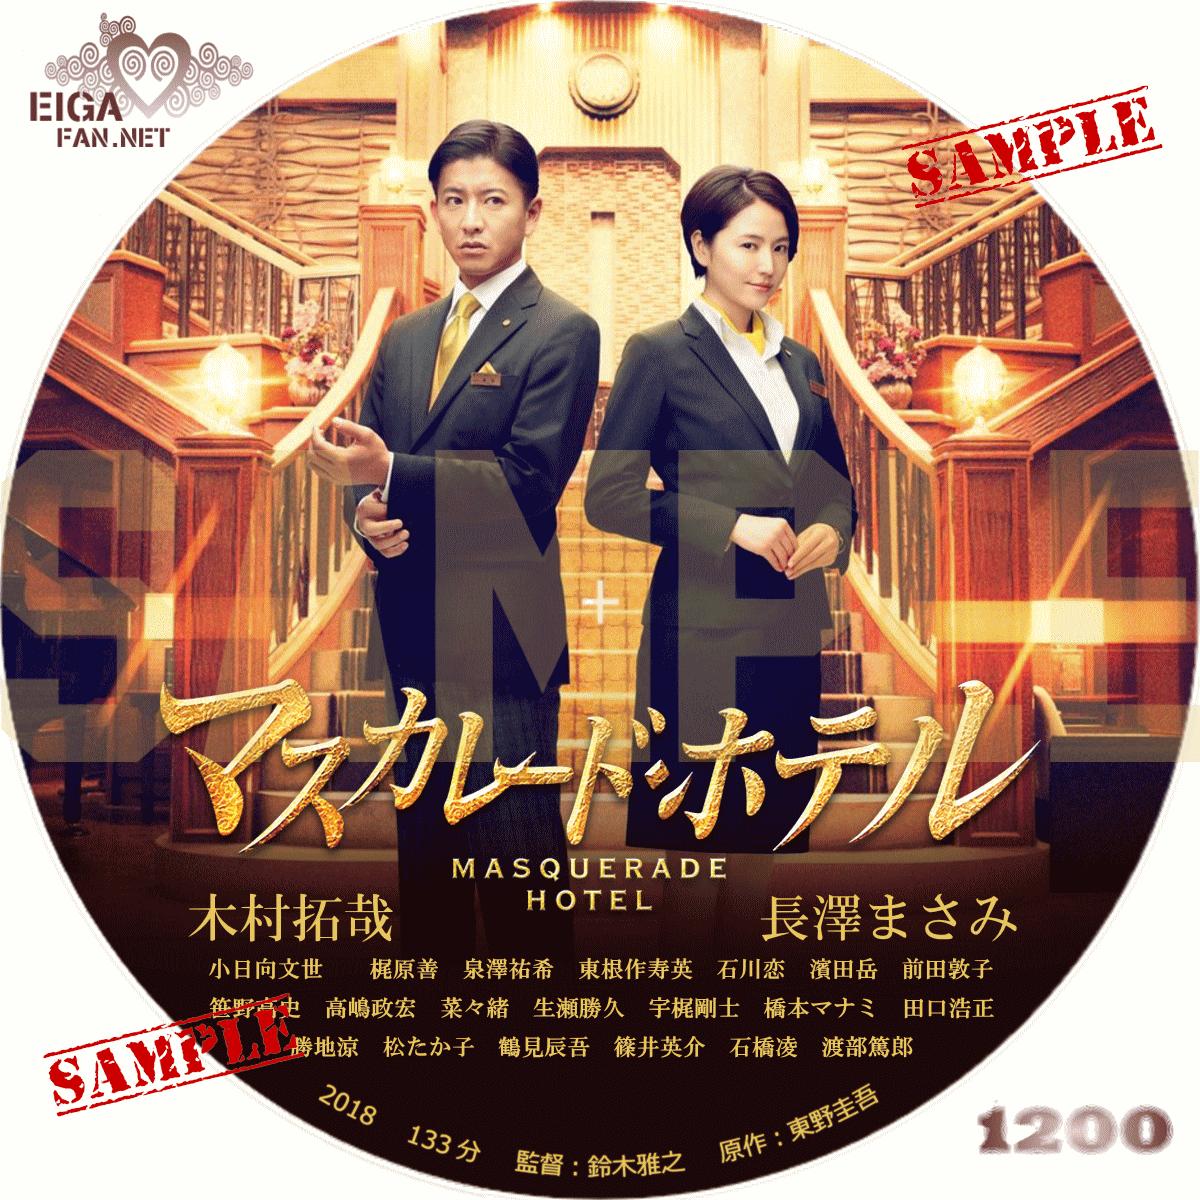 ホテル ラベル マスカレード dvd